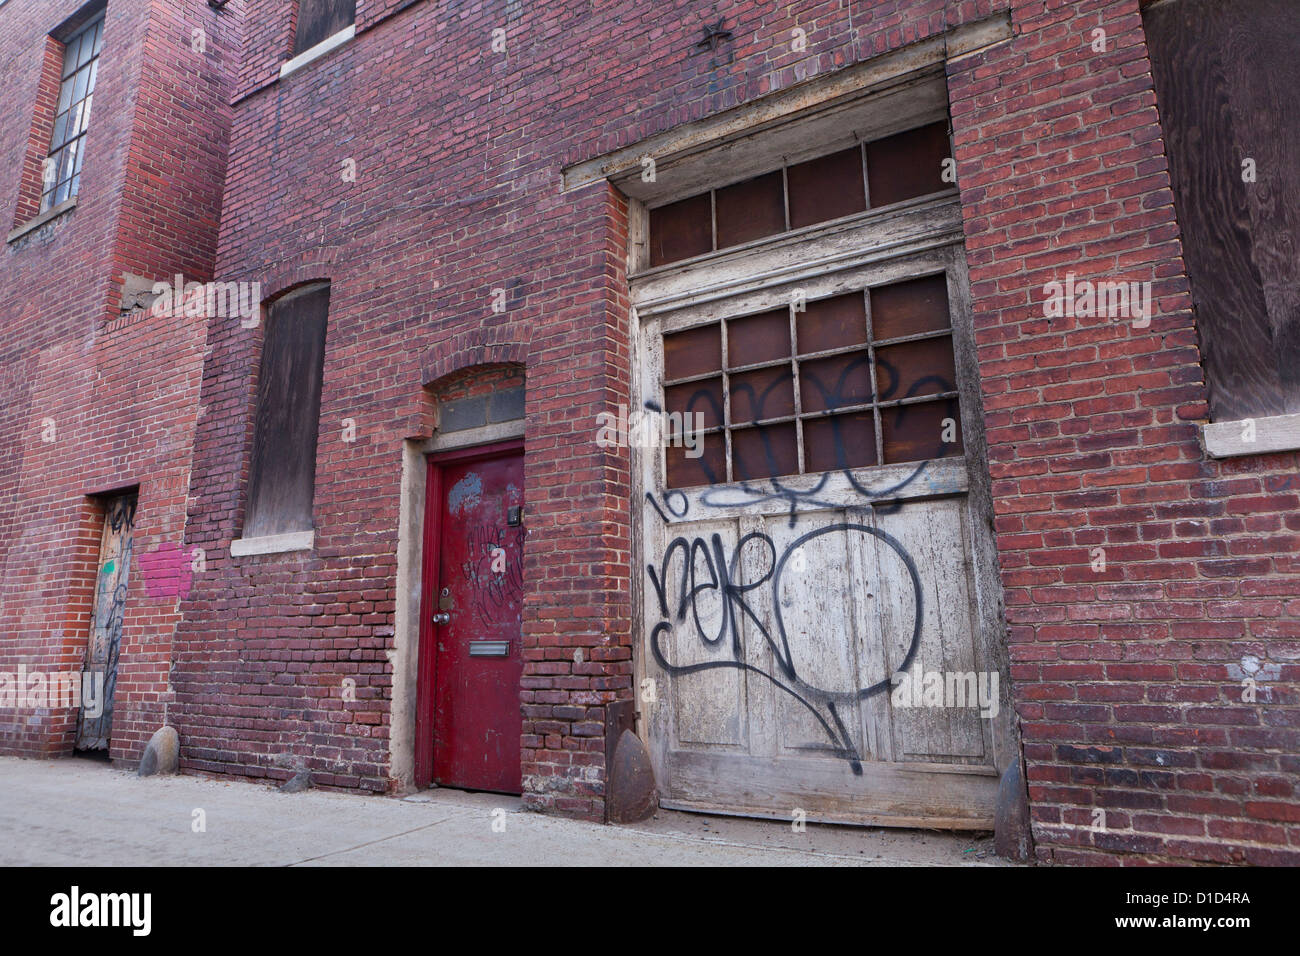 Old garage door of brick building - Stock Image